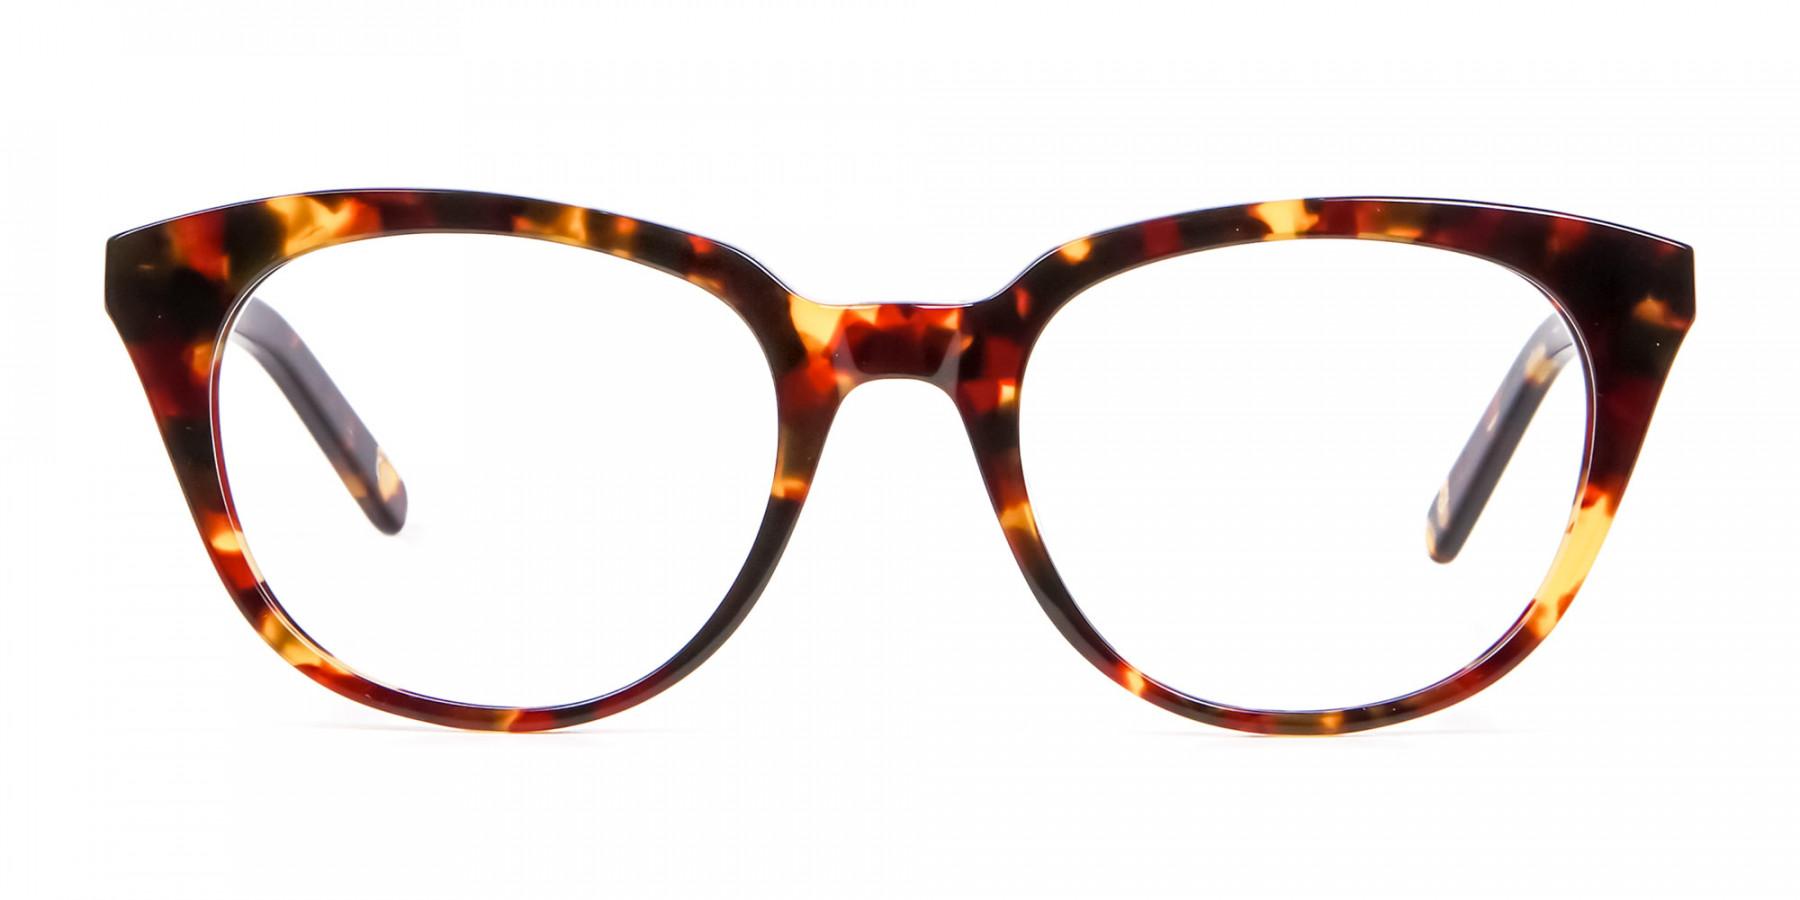 Sunshine Tone Tortoiseshell Glasses